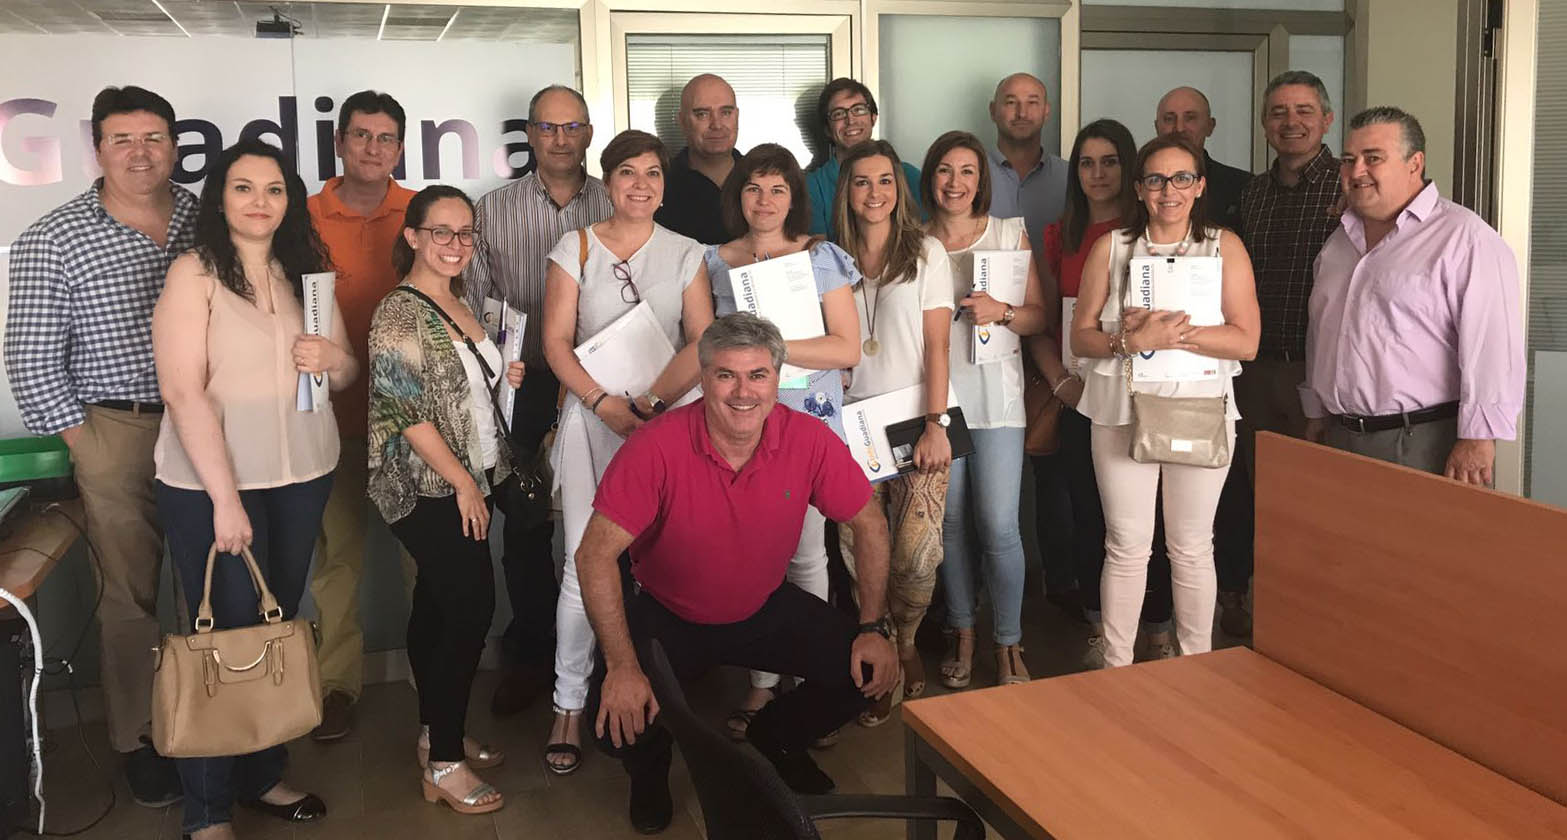 Participantes en el evento en Mérida junto a Infoguadiana